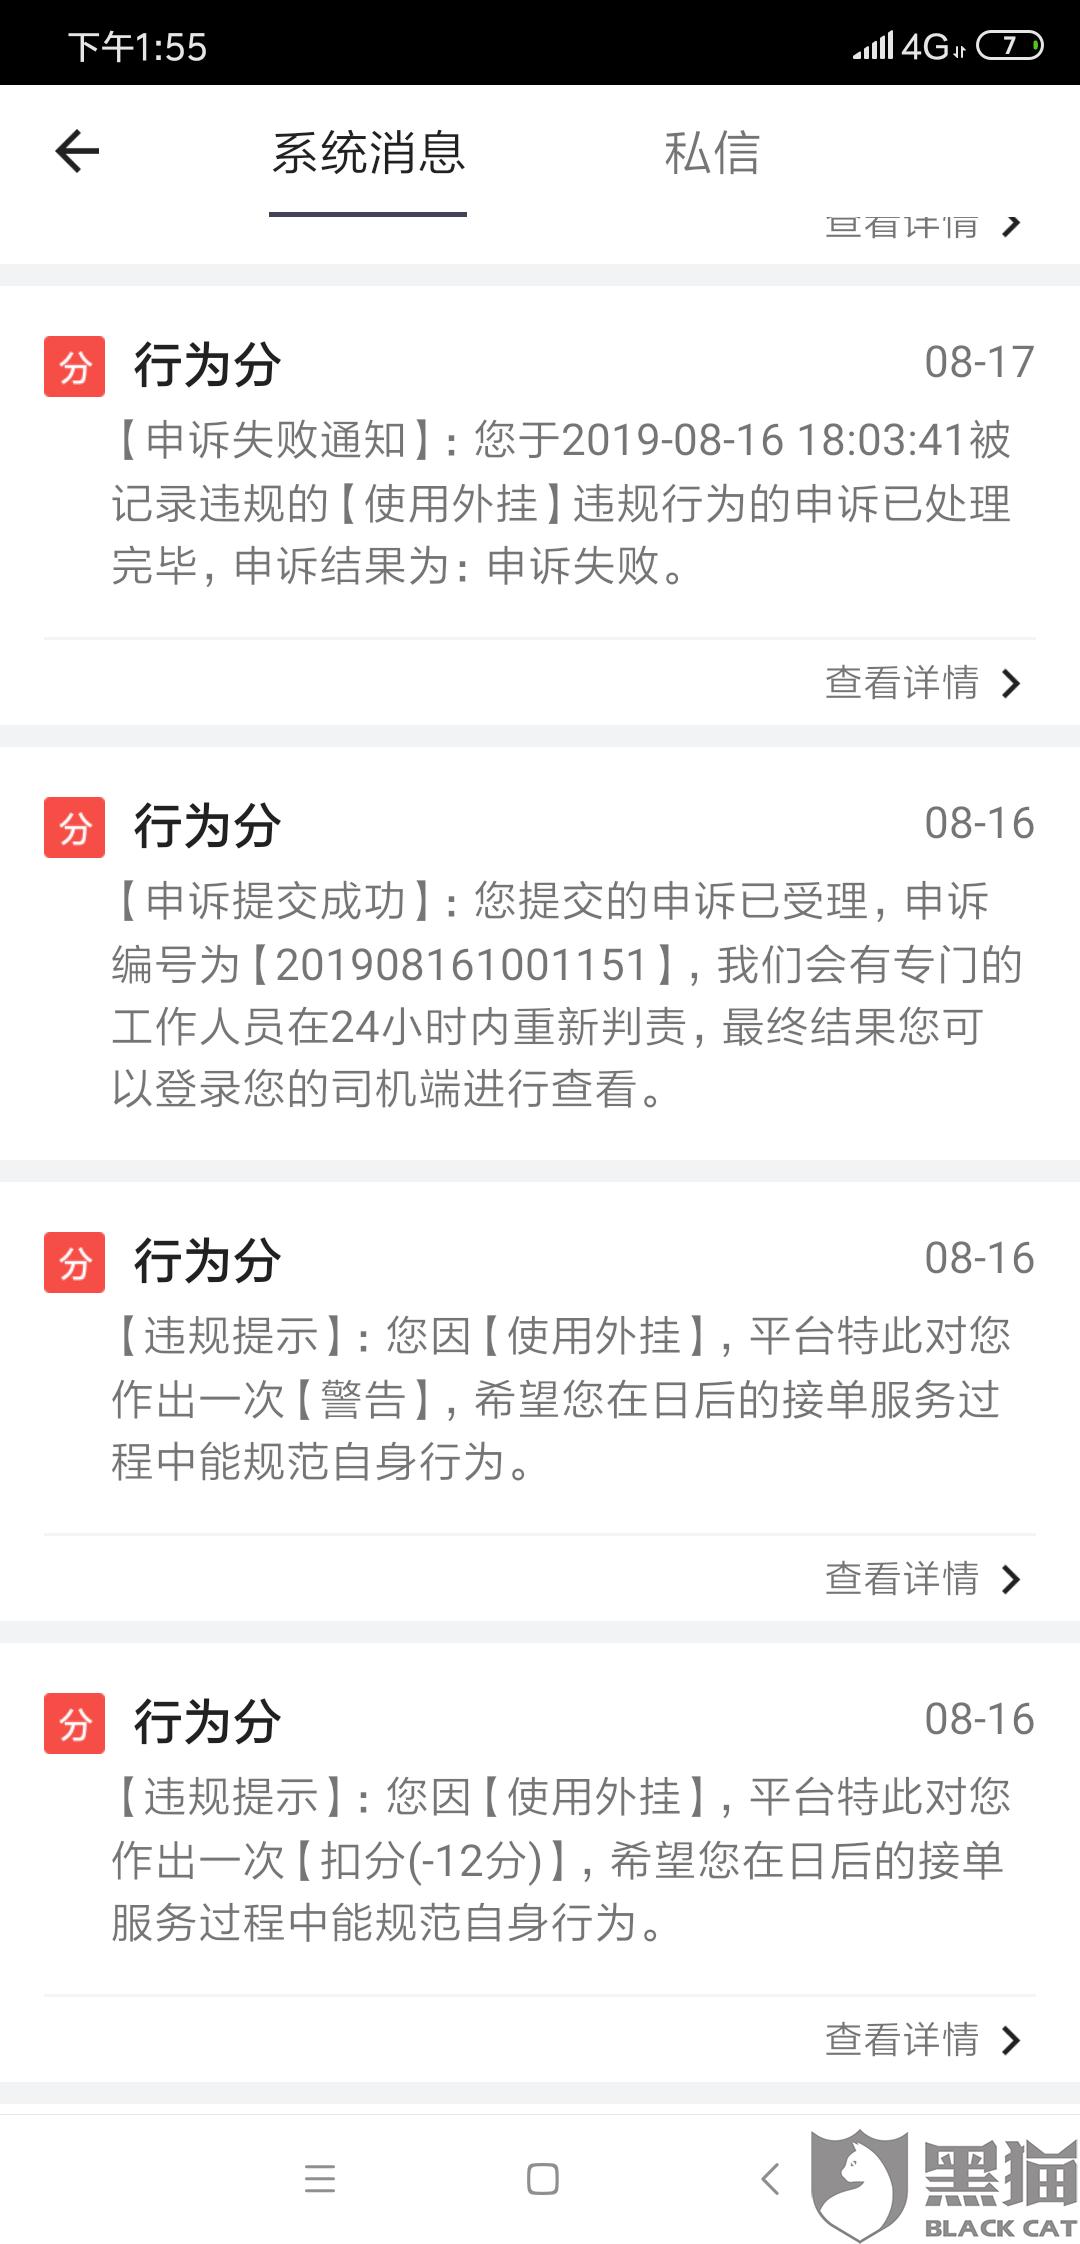 黑猫投诉:重庆市弹子石货拉拉分公司,于8月16日下午六点,在APP上通知我使用外挂